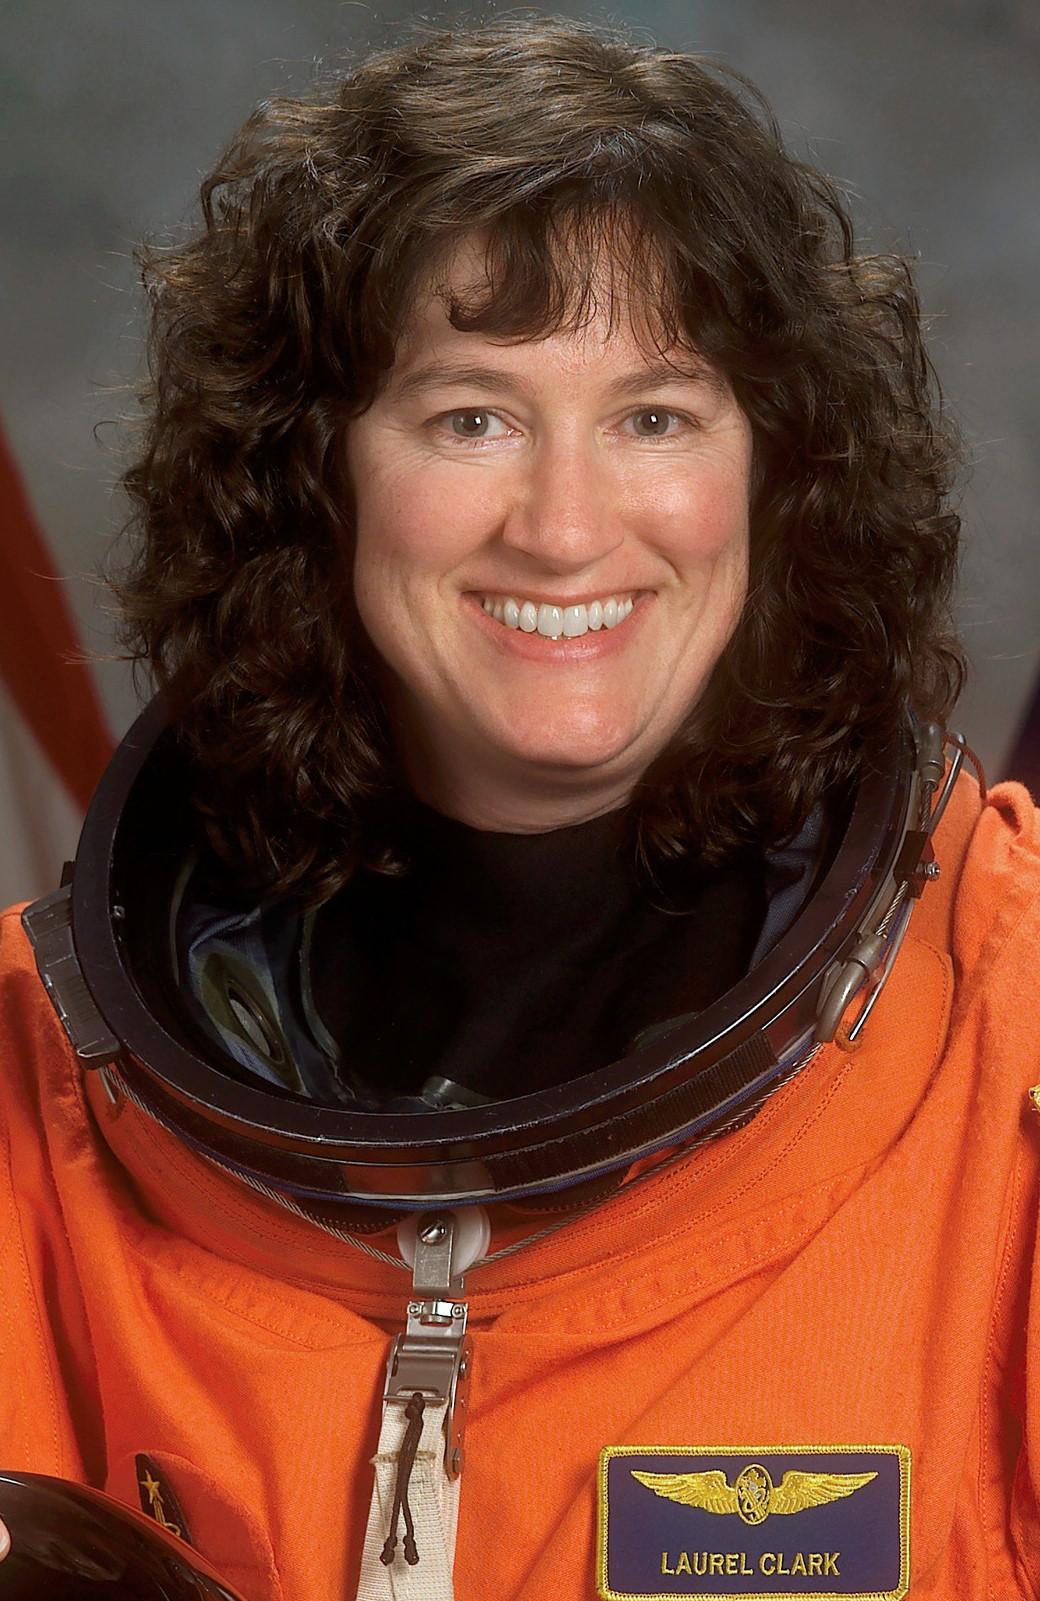 Laurel Clark Astronaut Biography Laurel Clark